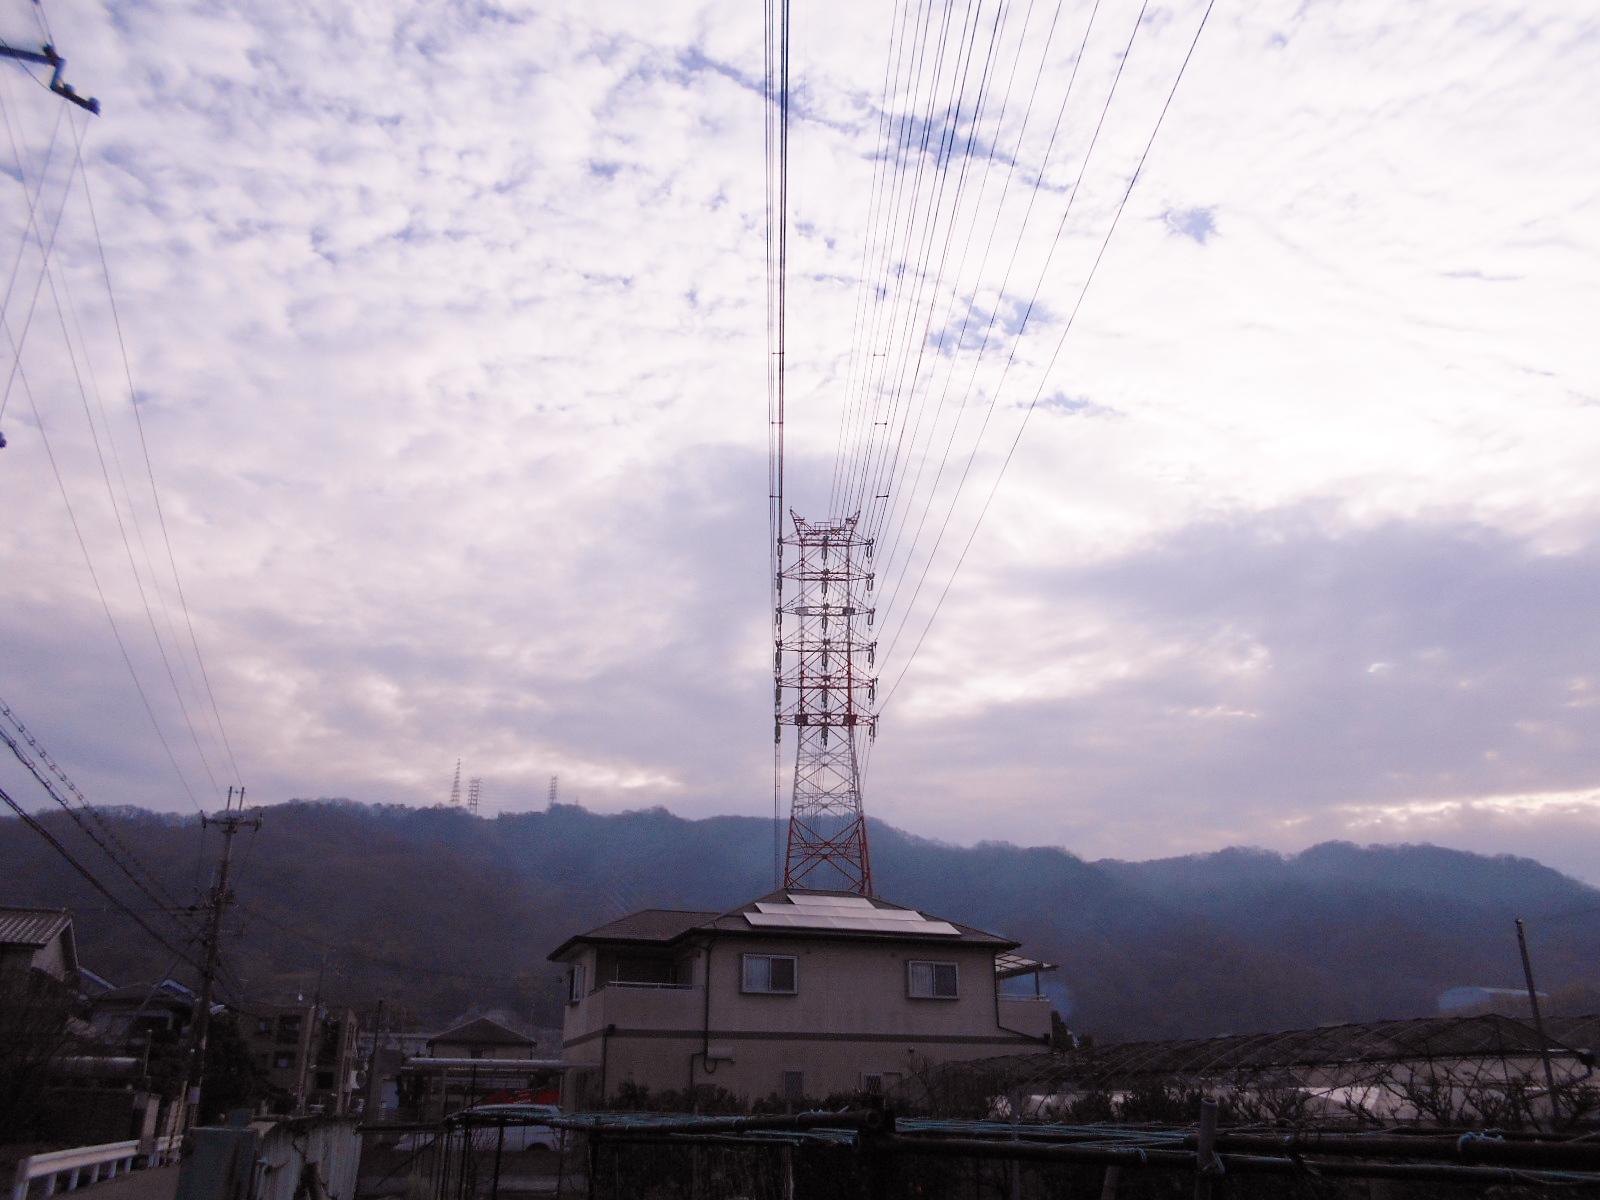 DSCN6156.jpg